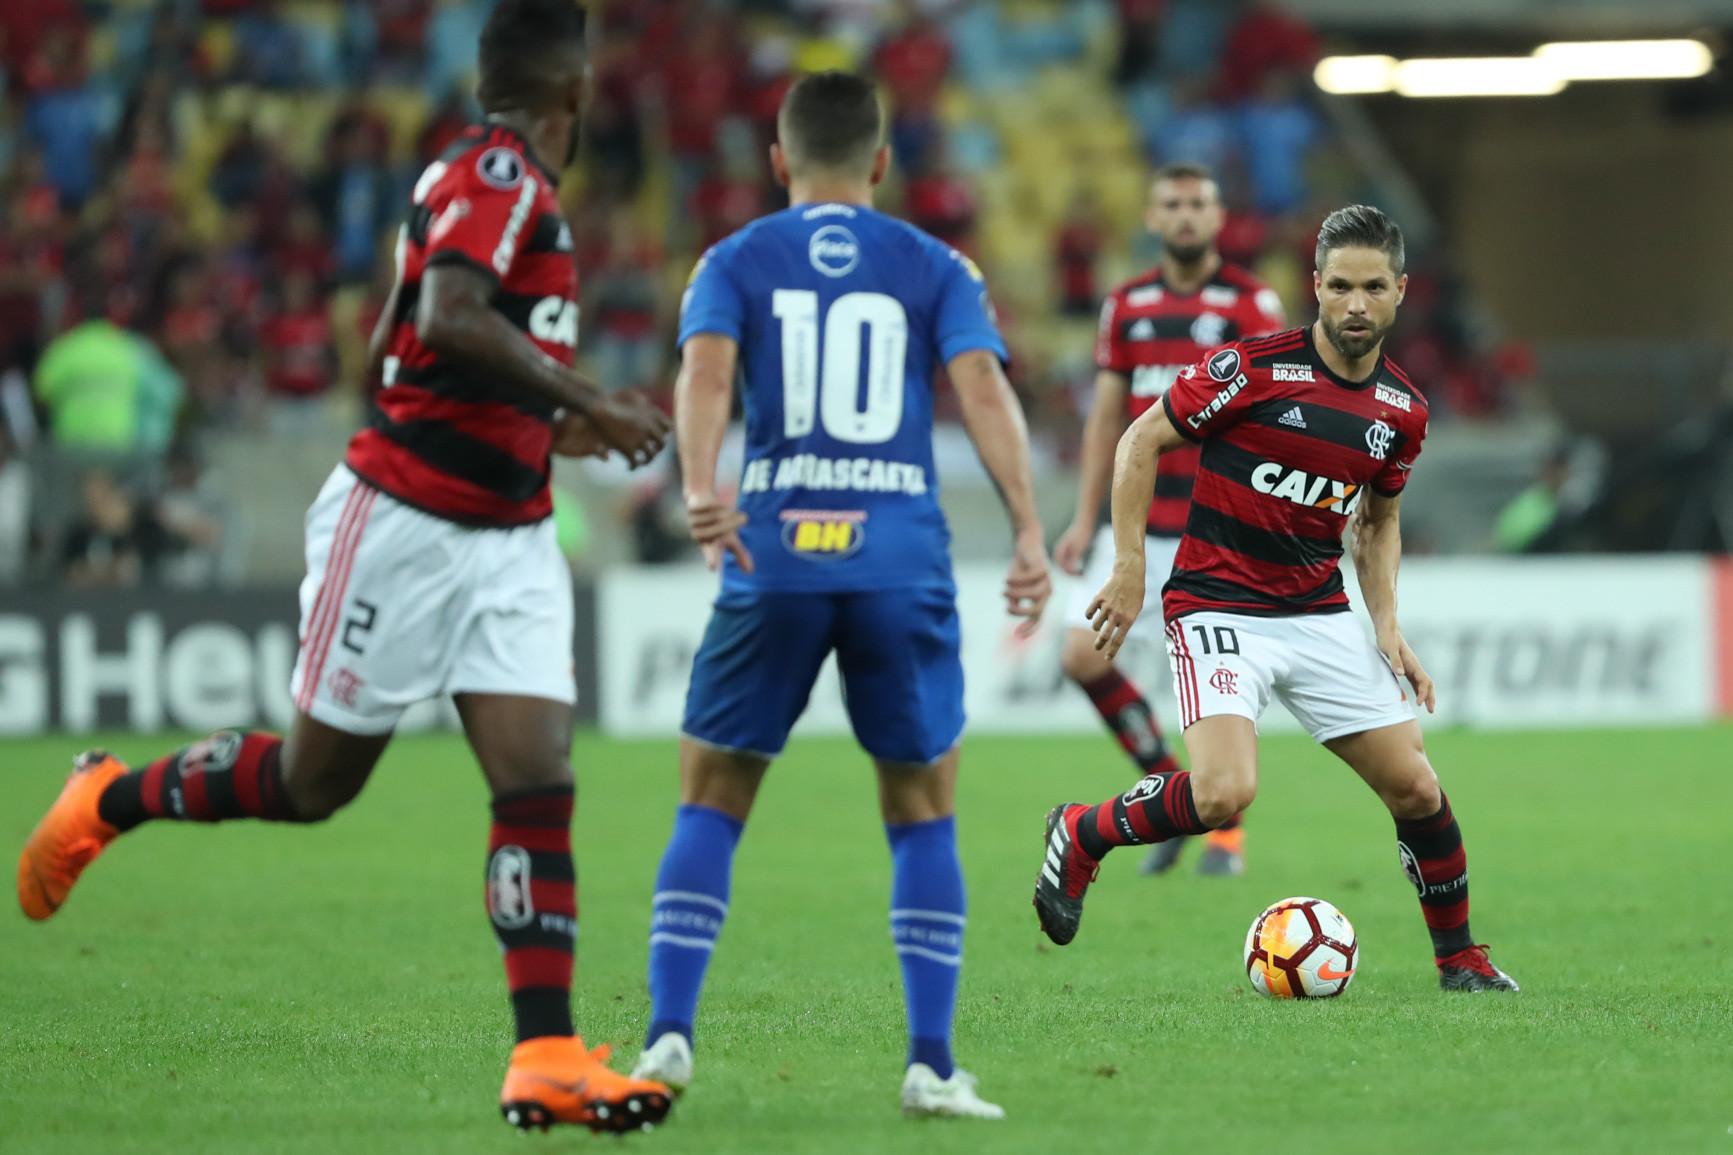 Saiba Como Comprar Ingresso Para O Próximo Jogo Do Flamengo